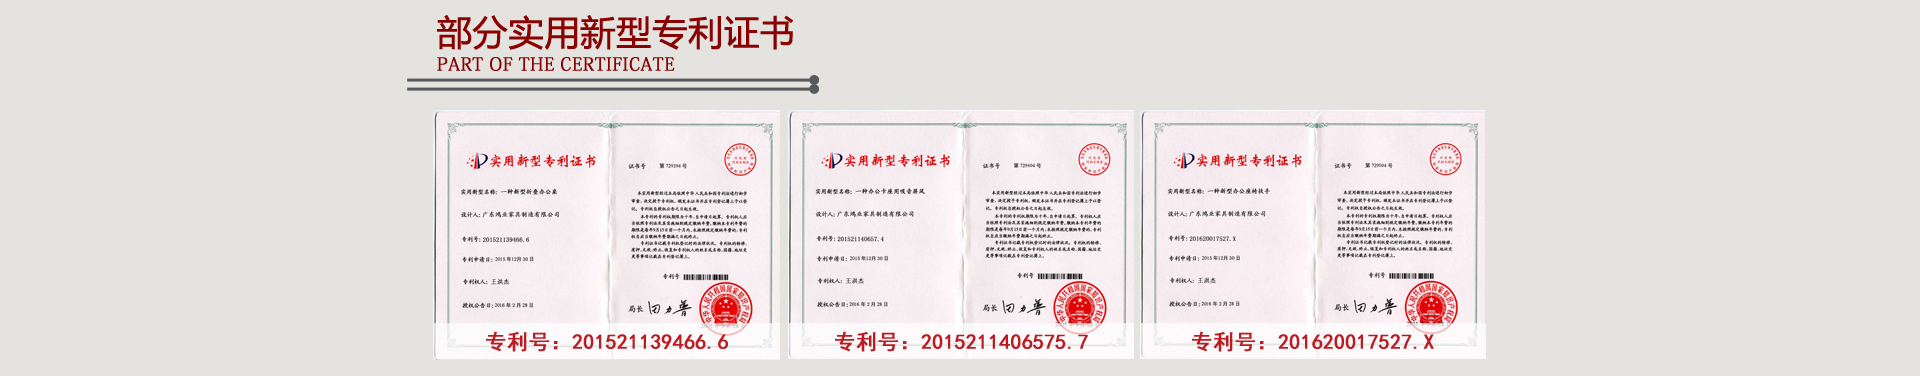 中国亚博足彩app苹果版亚博体育苹果官方下载厂家四强